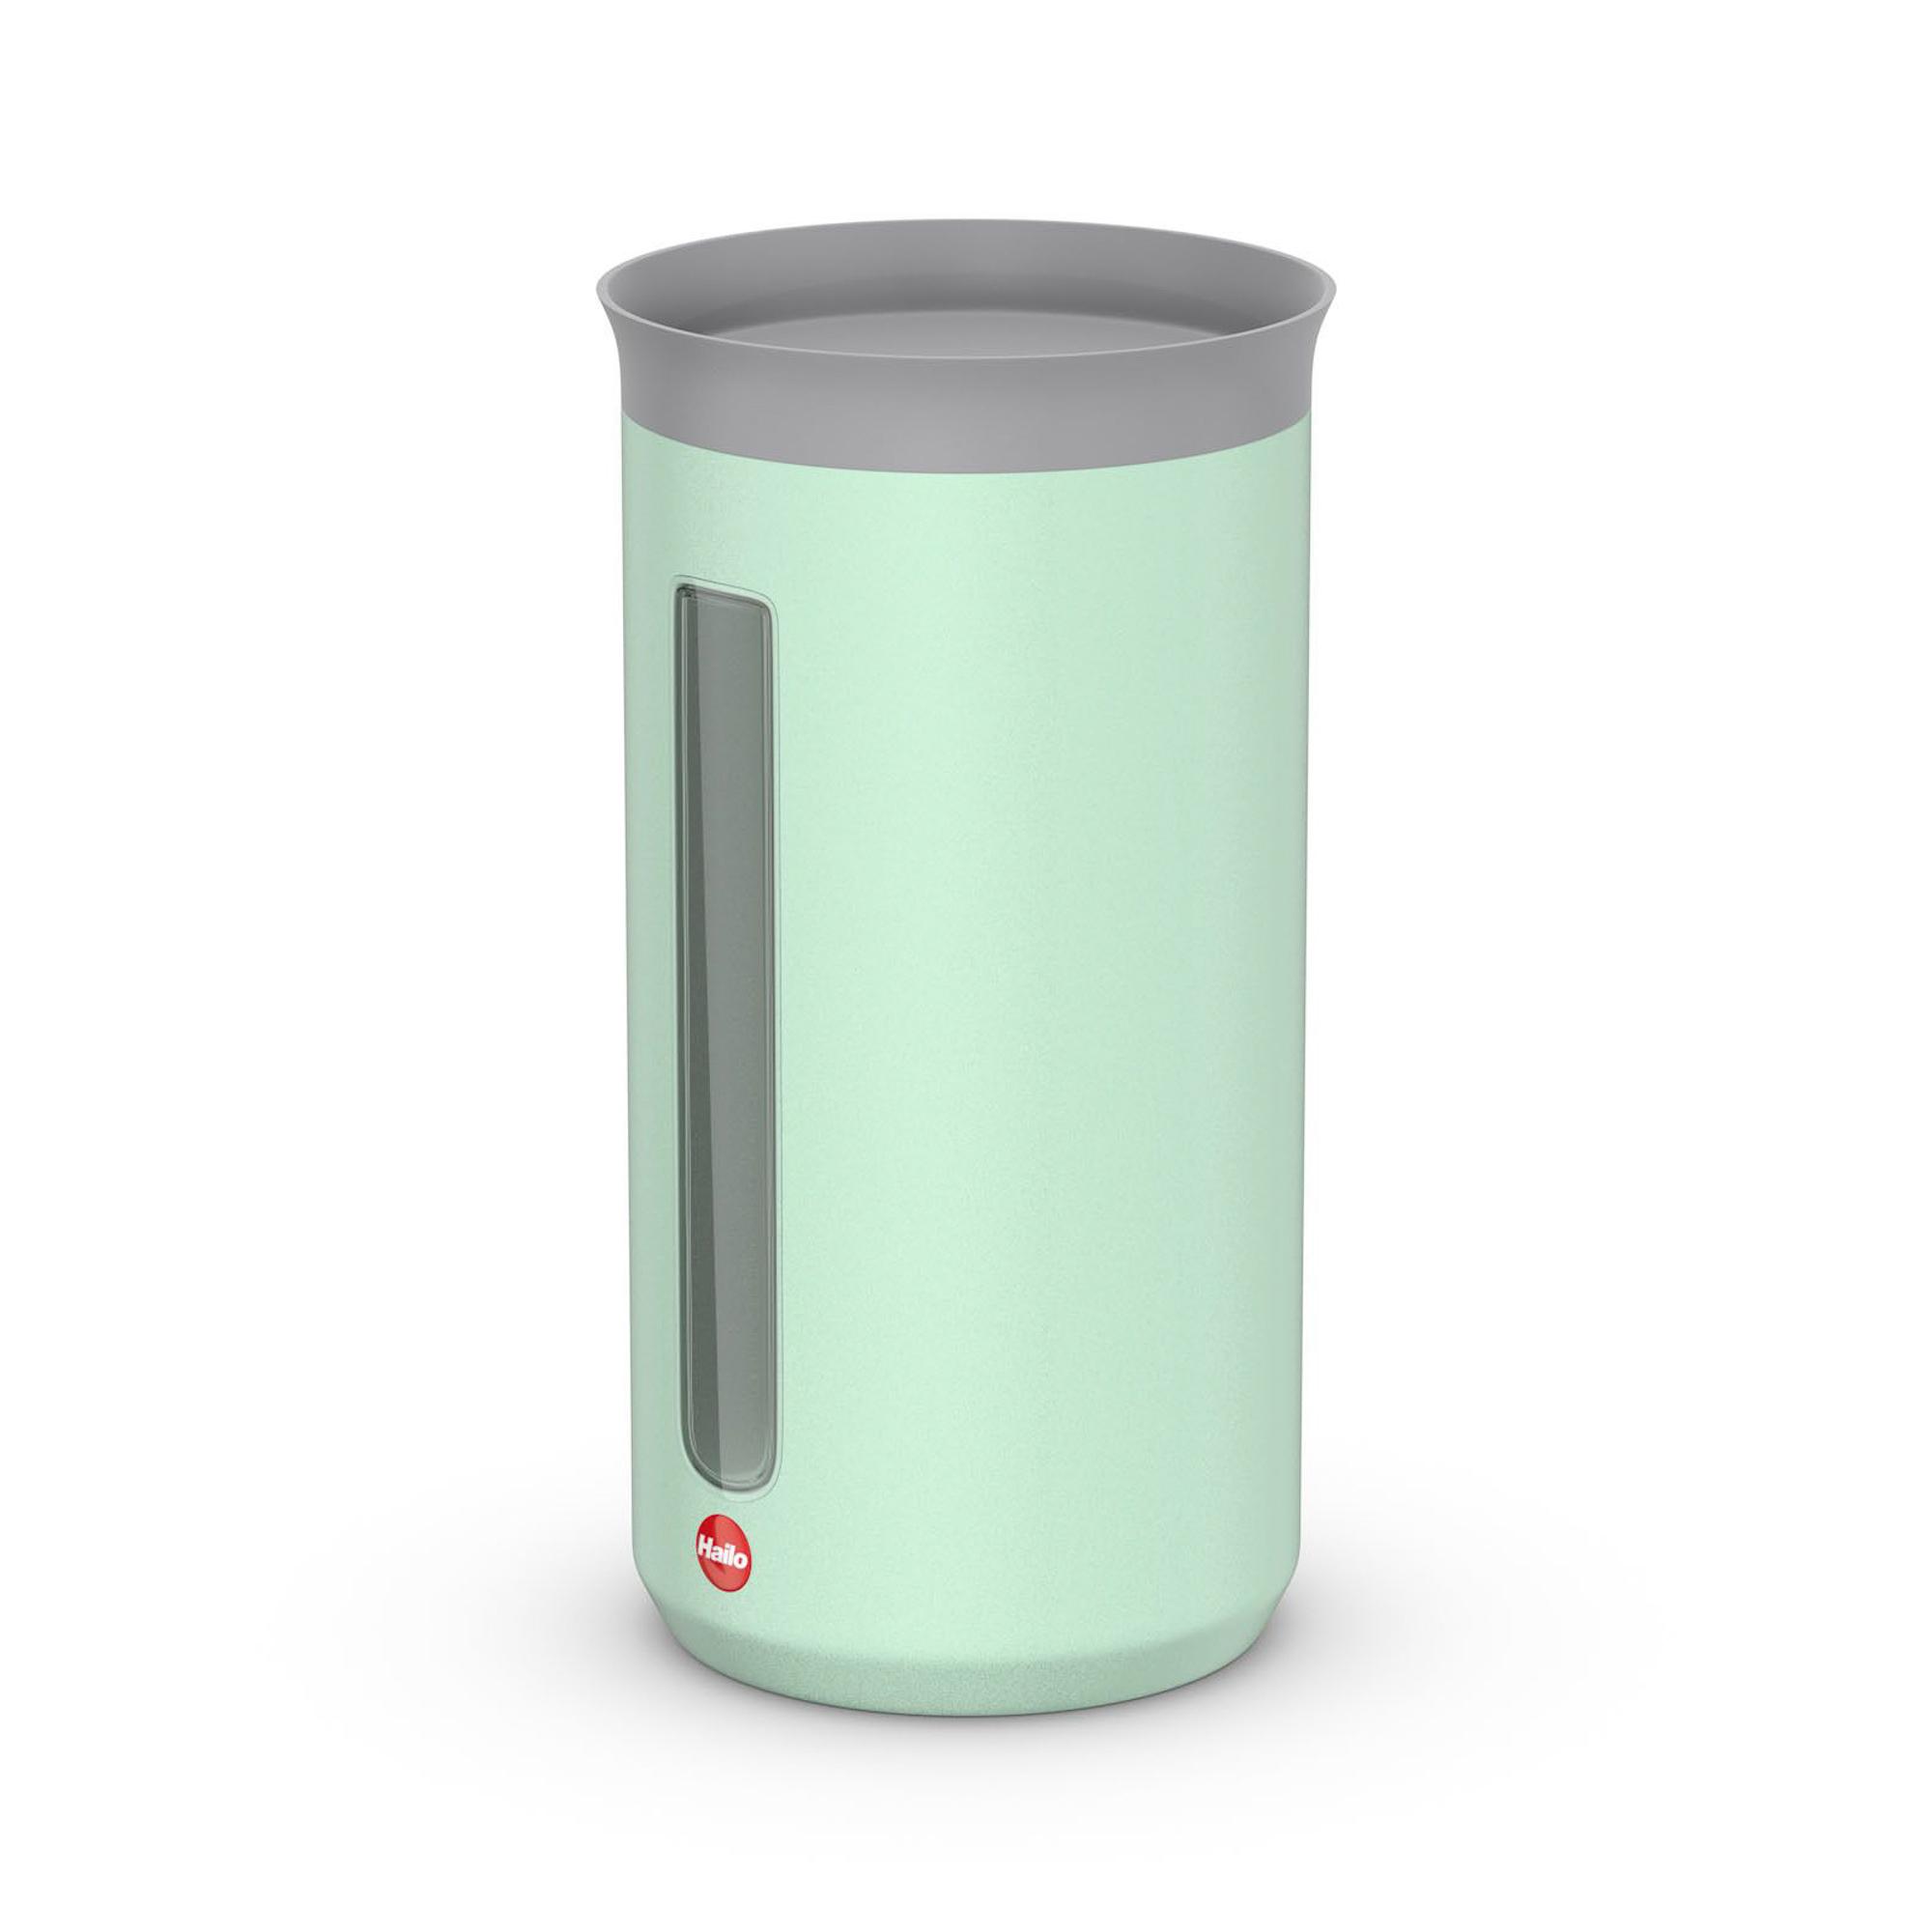 Контейнер металлический для хранения сыпучих продуктов 1.3 л Hailo мятный матовый.